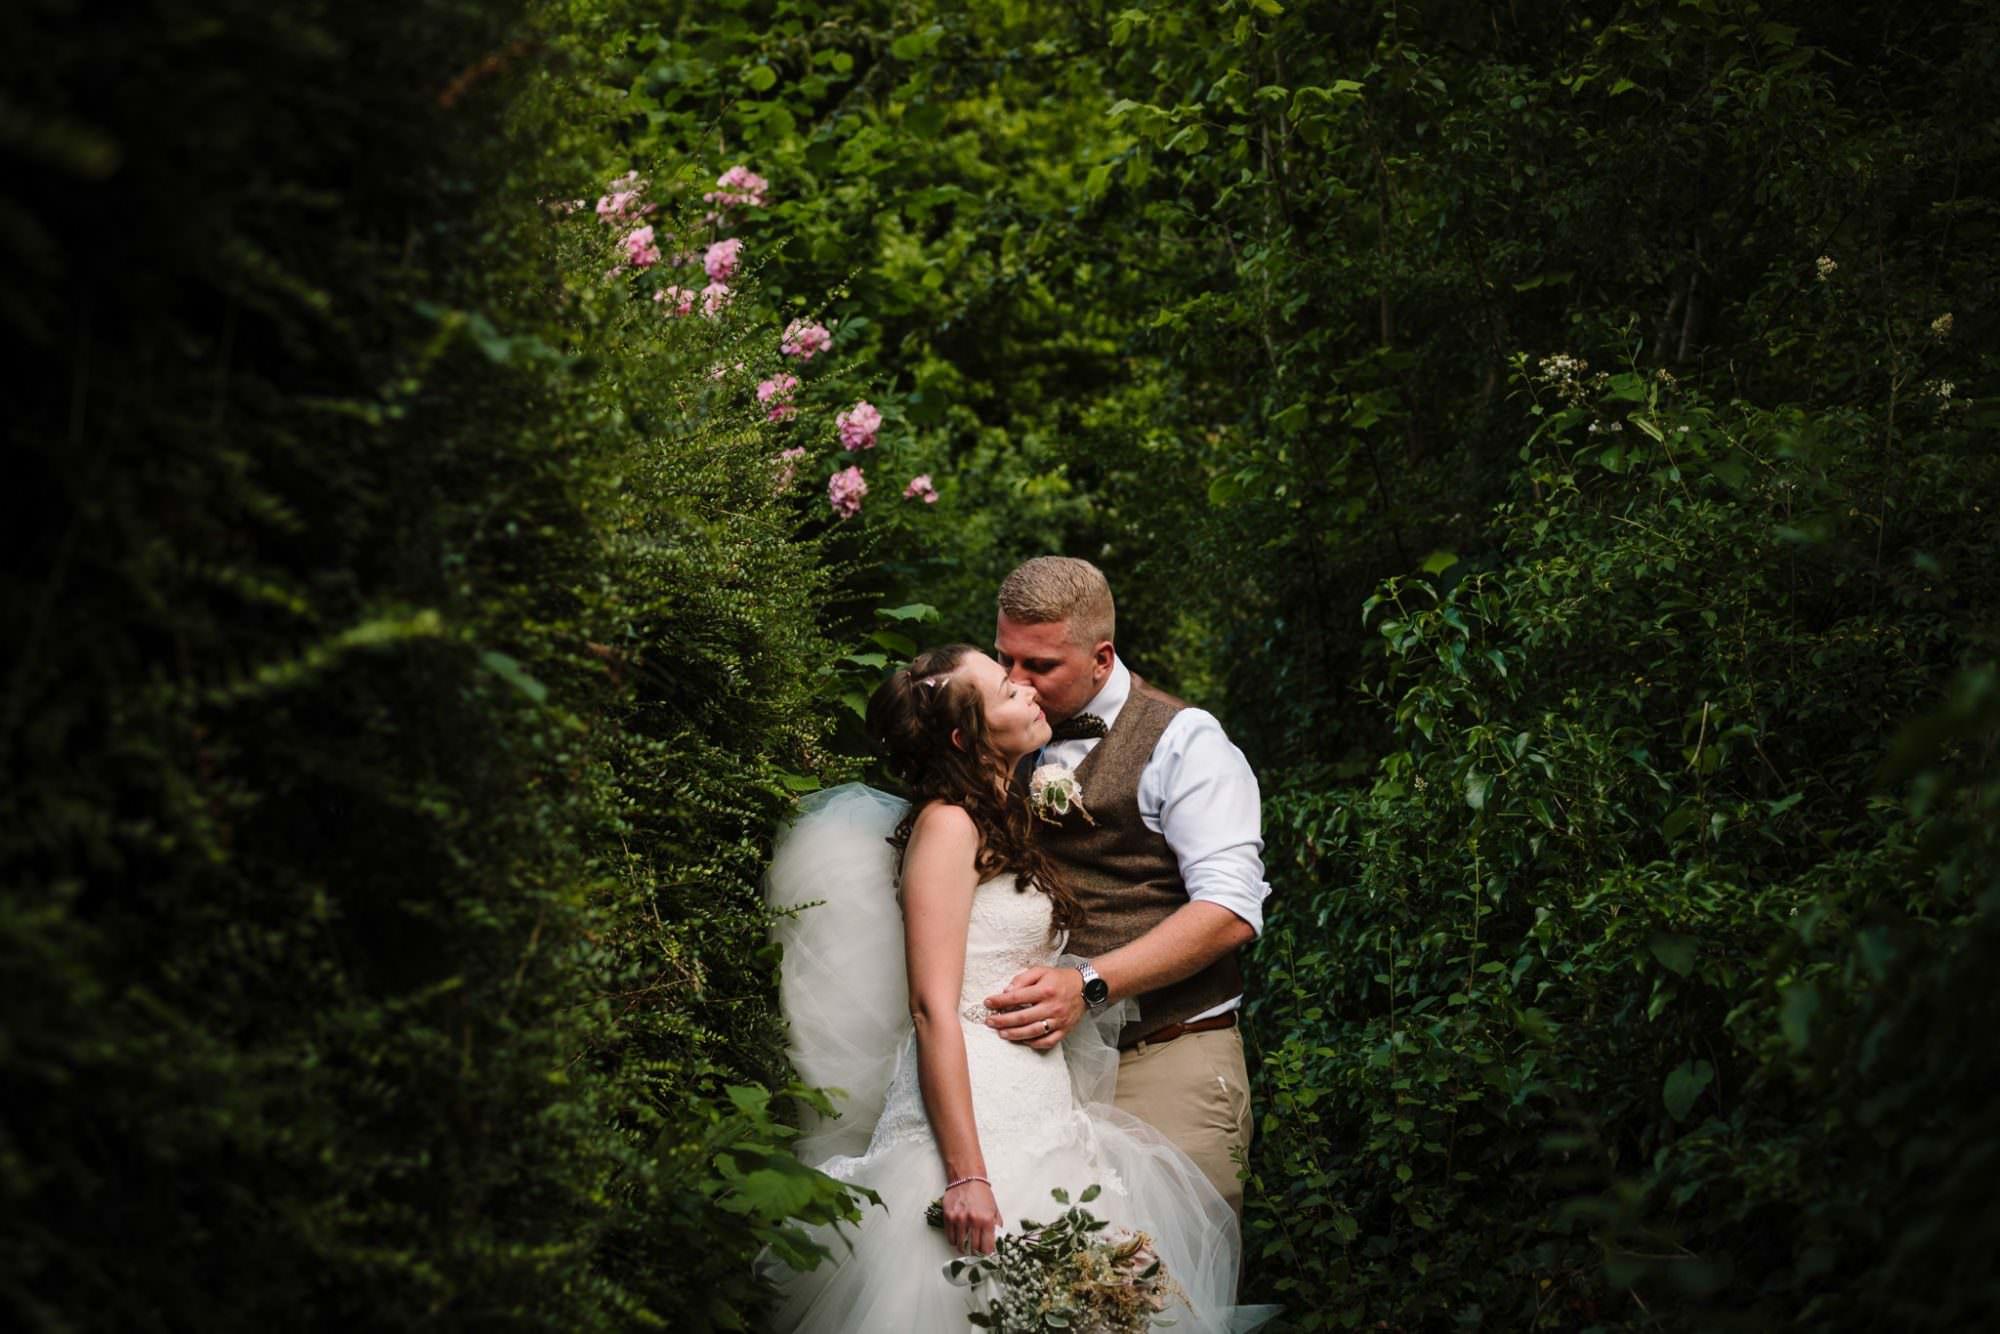 Wedding Photography at Milton Abbas in Dorset